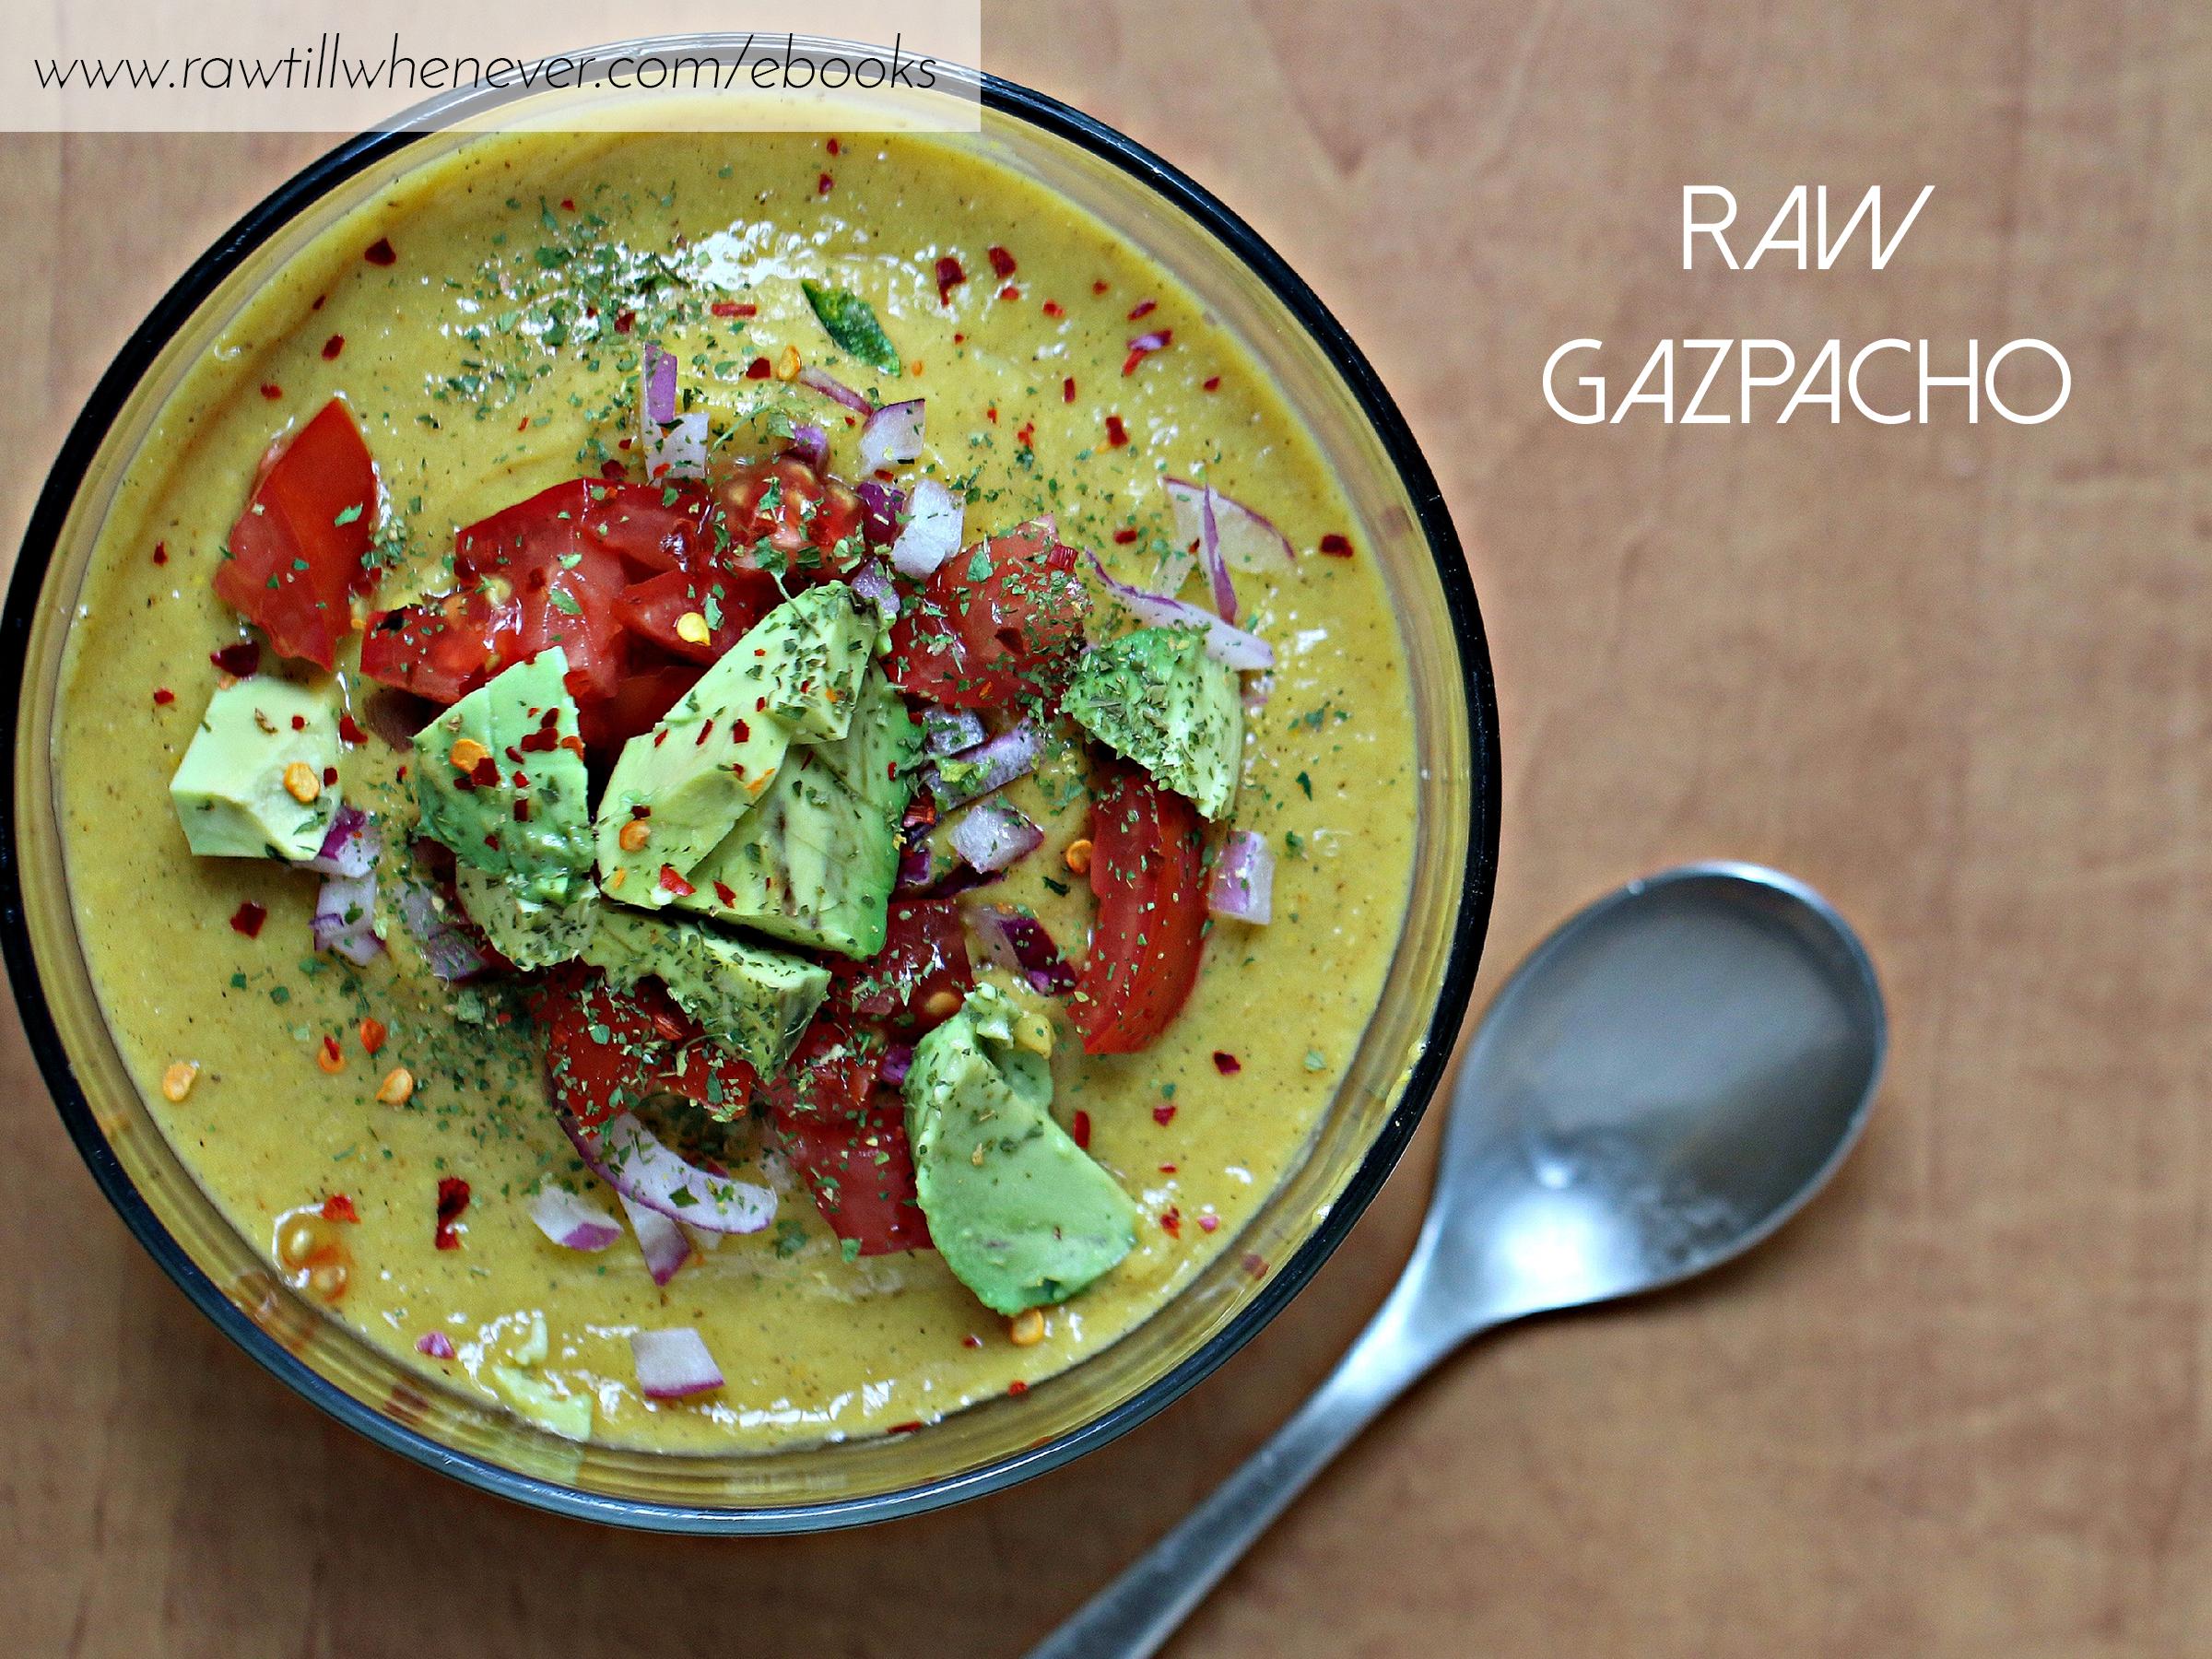 Raw gazpacho recipe featured from my raw vegan recipe book raw gazpacho recipe featured from my raw vegan recipe book ilikeitraw forumfinder Gallery